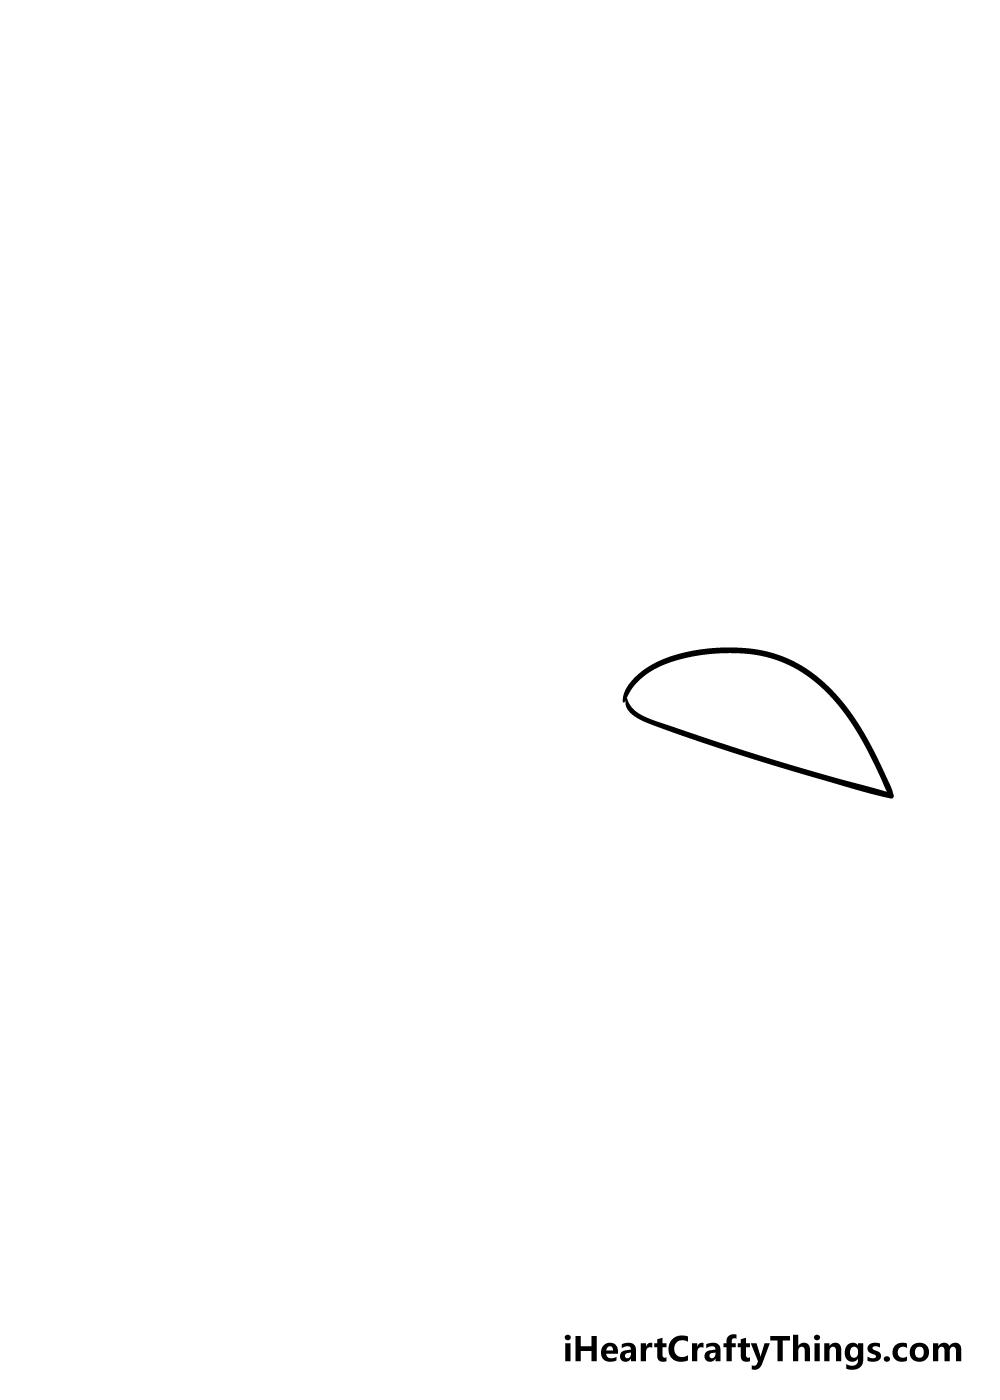 spaceship drawing step 1